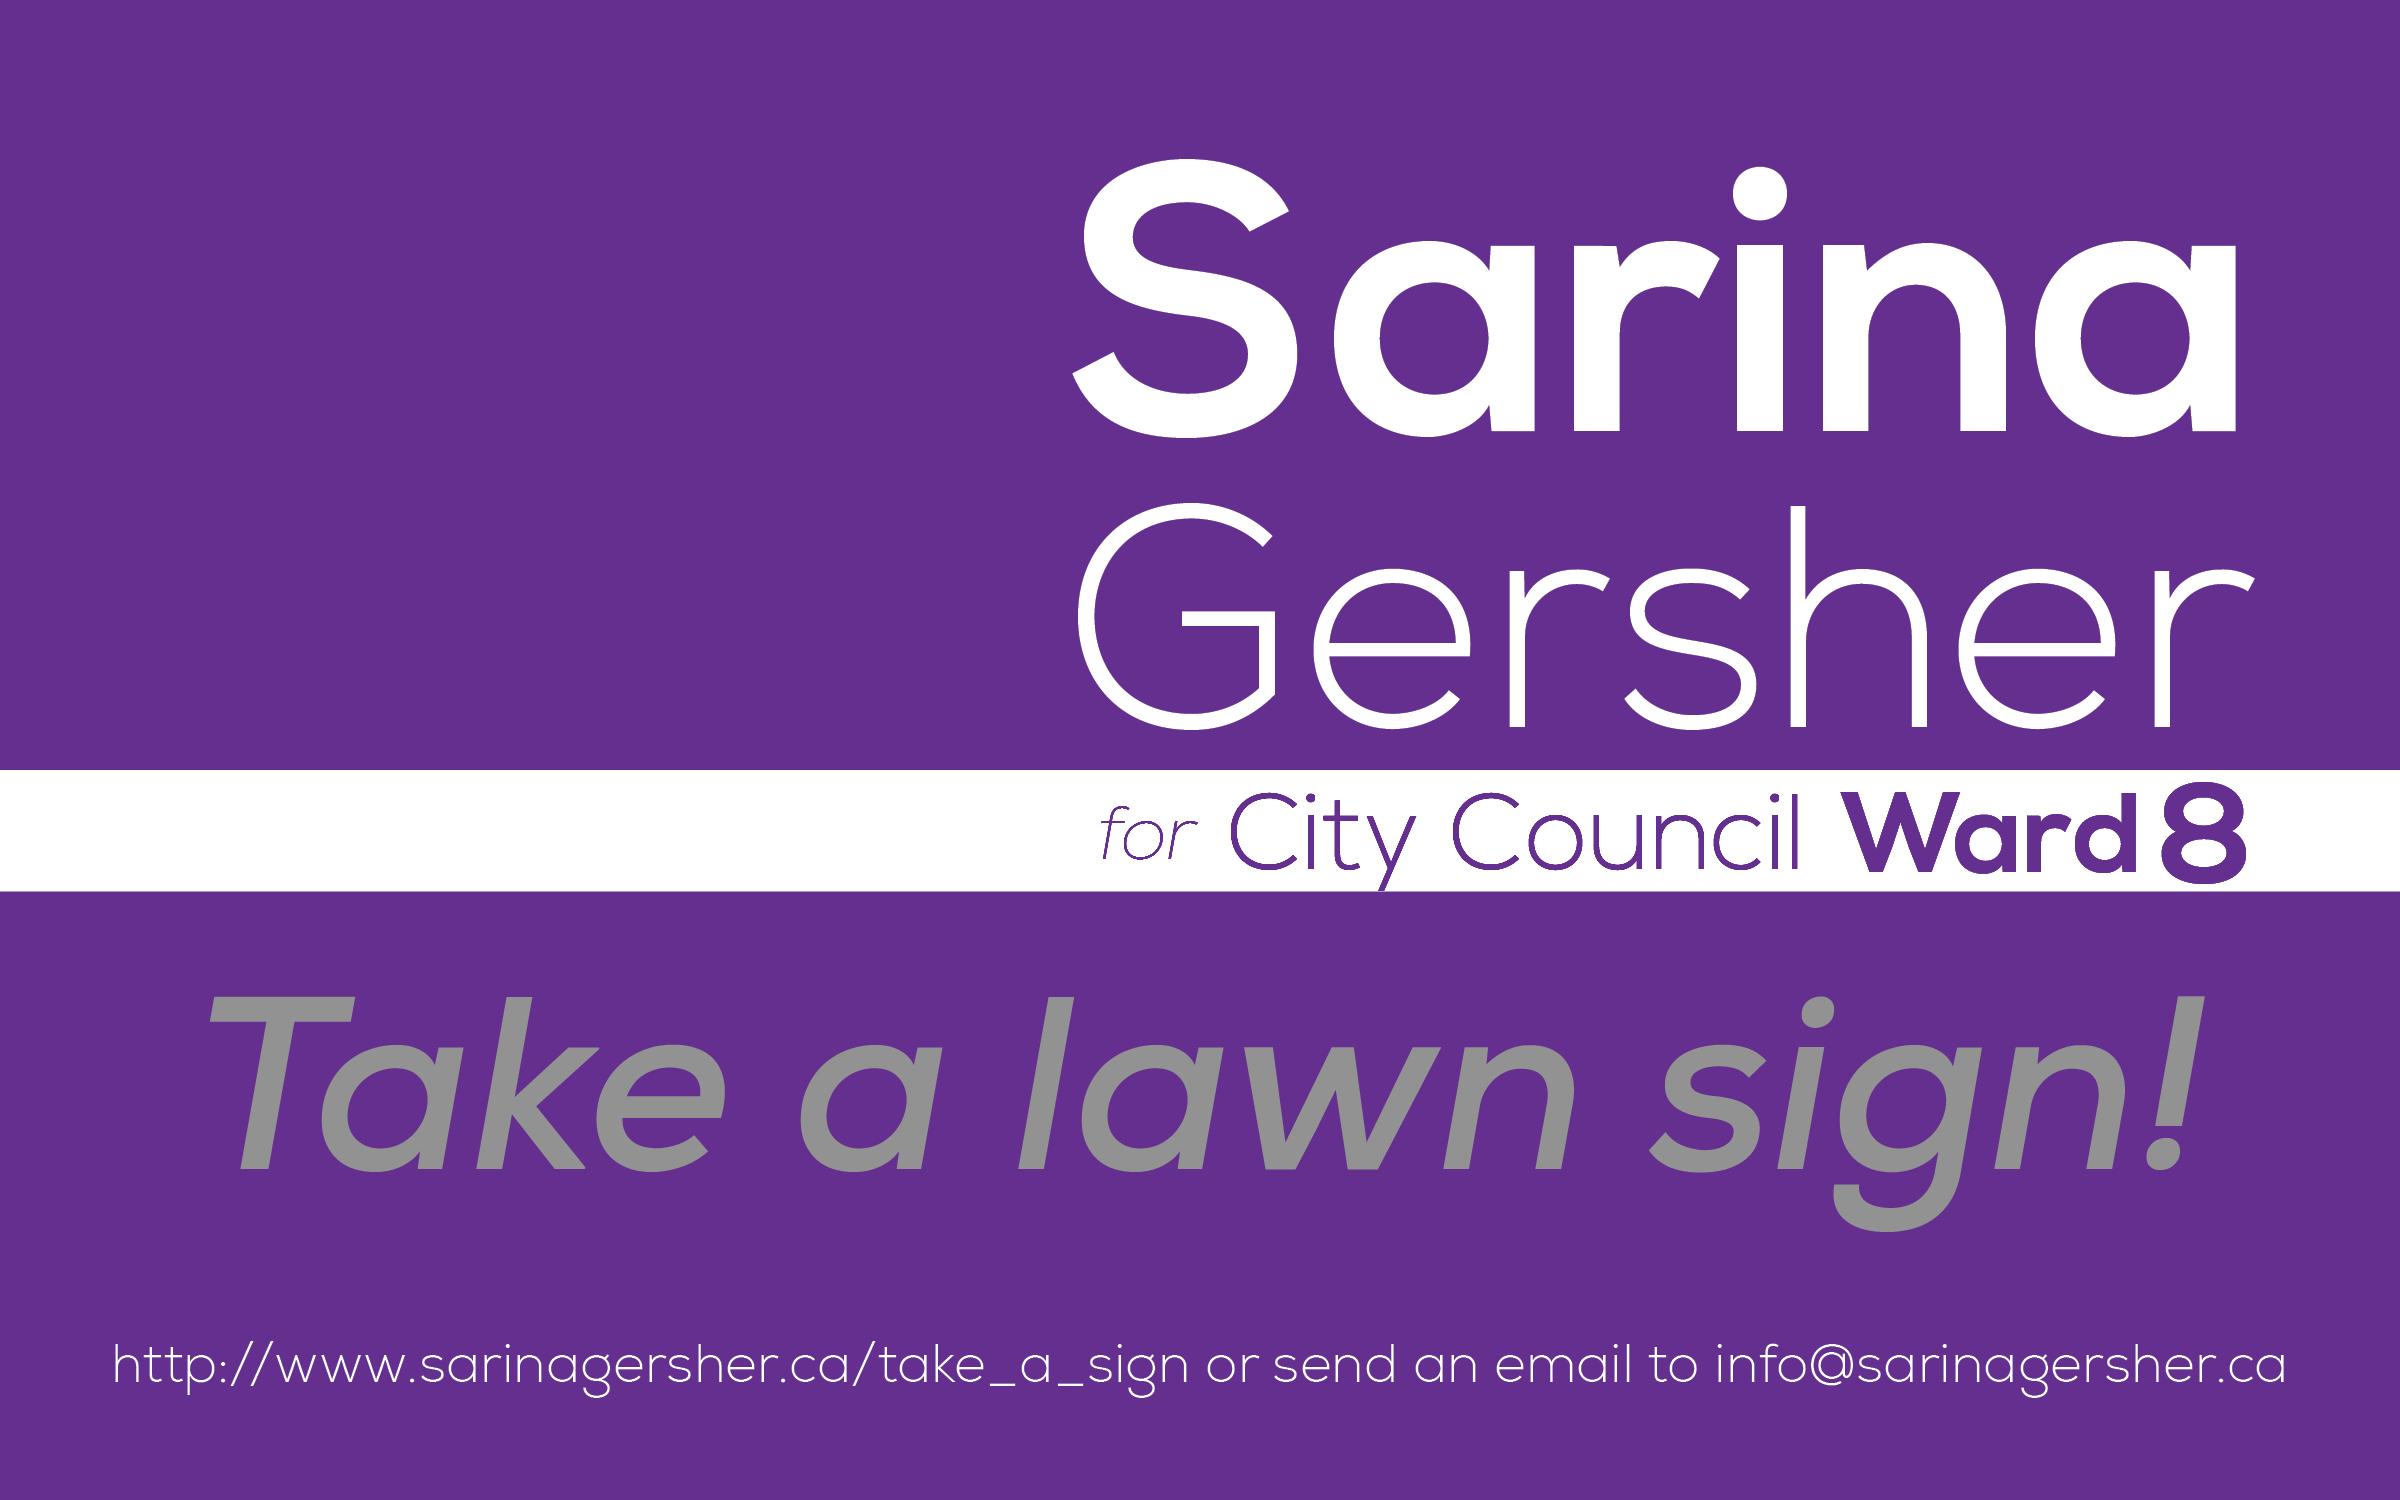 Take a lawn sign